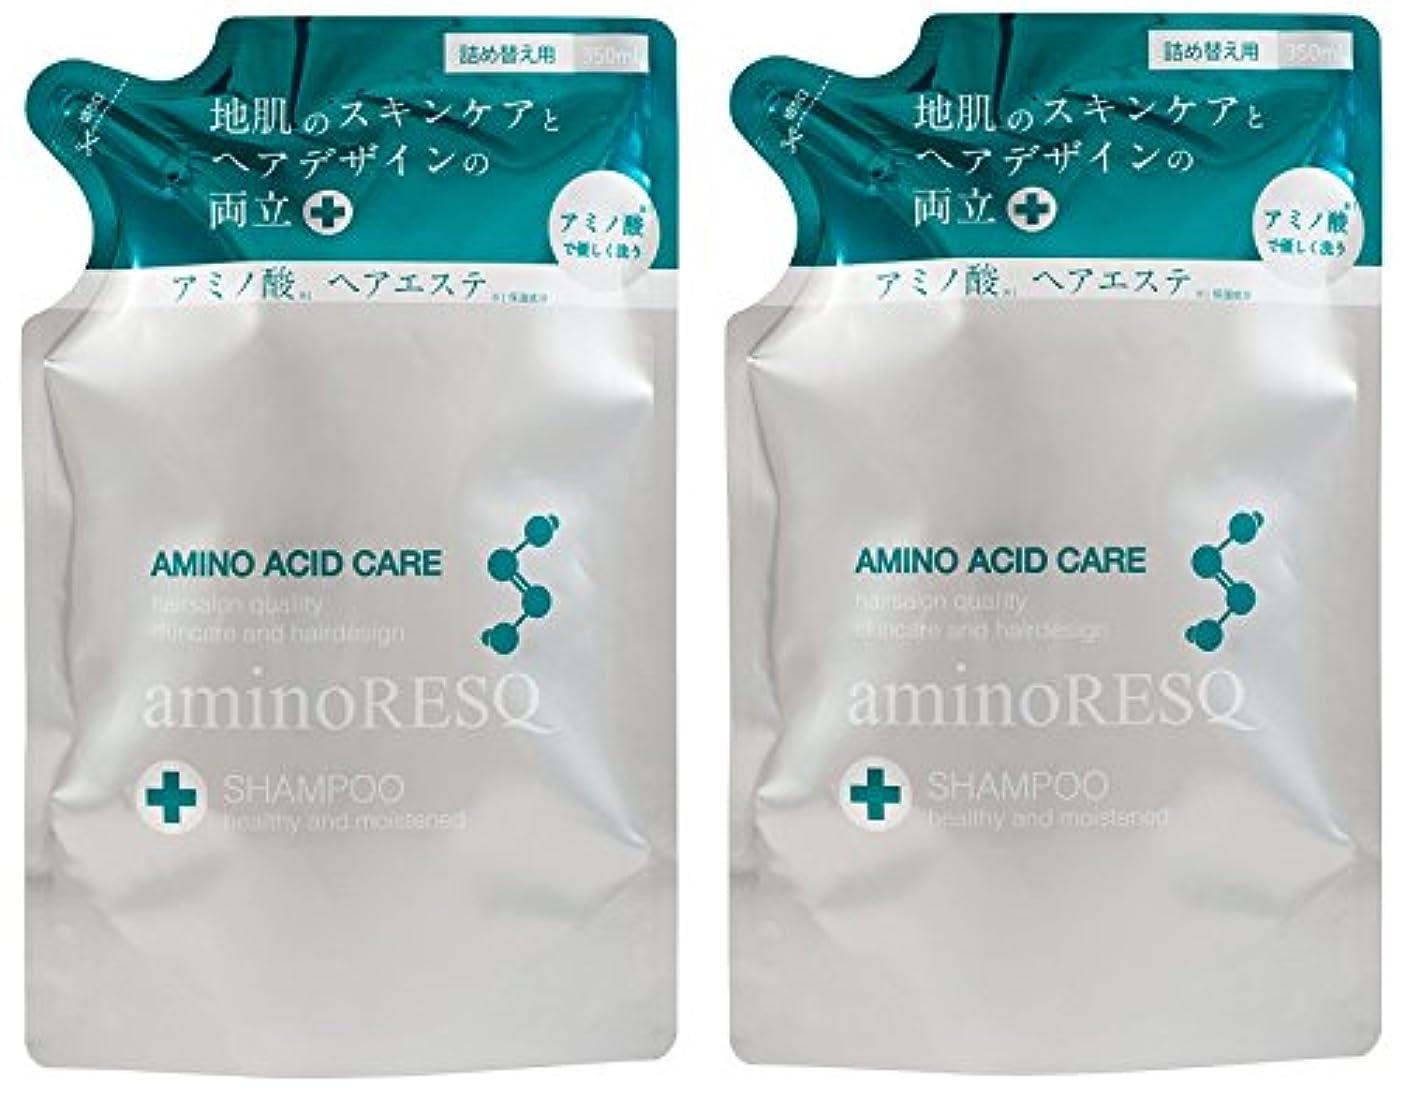 換気白い地元【2個セット】aminoRESQ アミノレスキュー シャンプー詰替